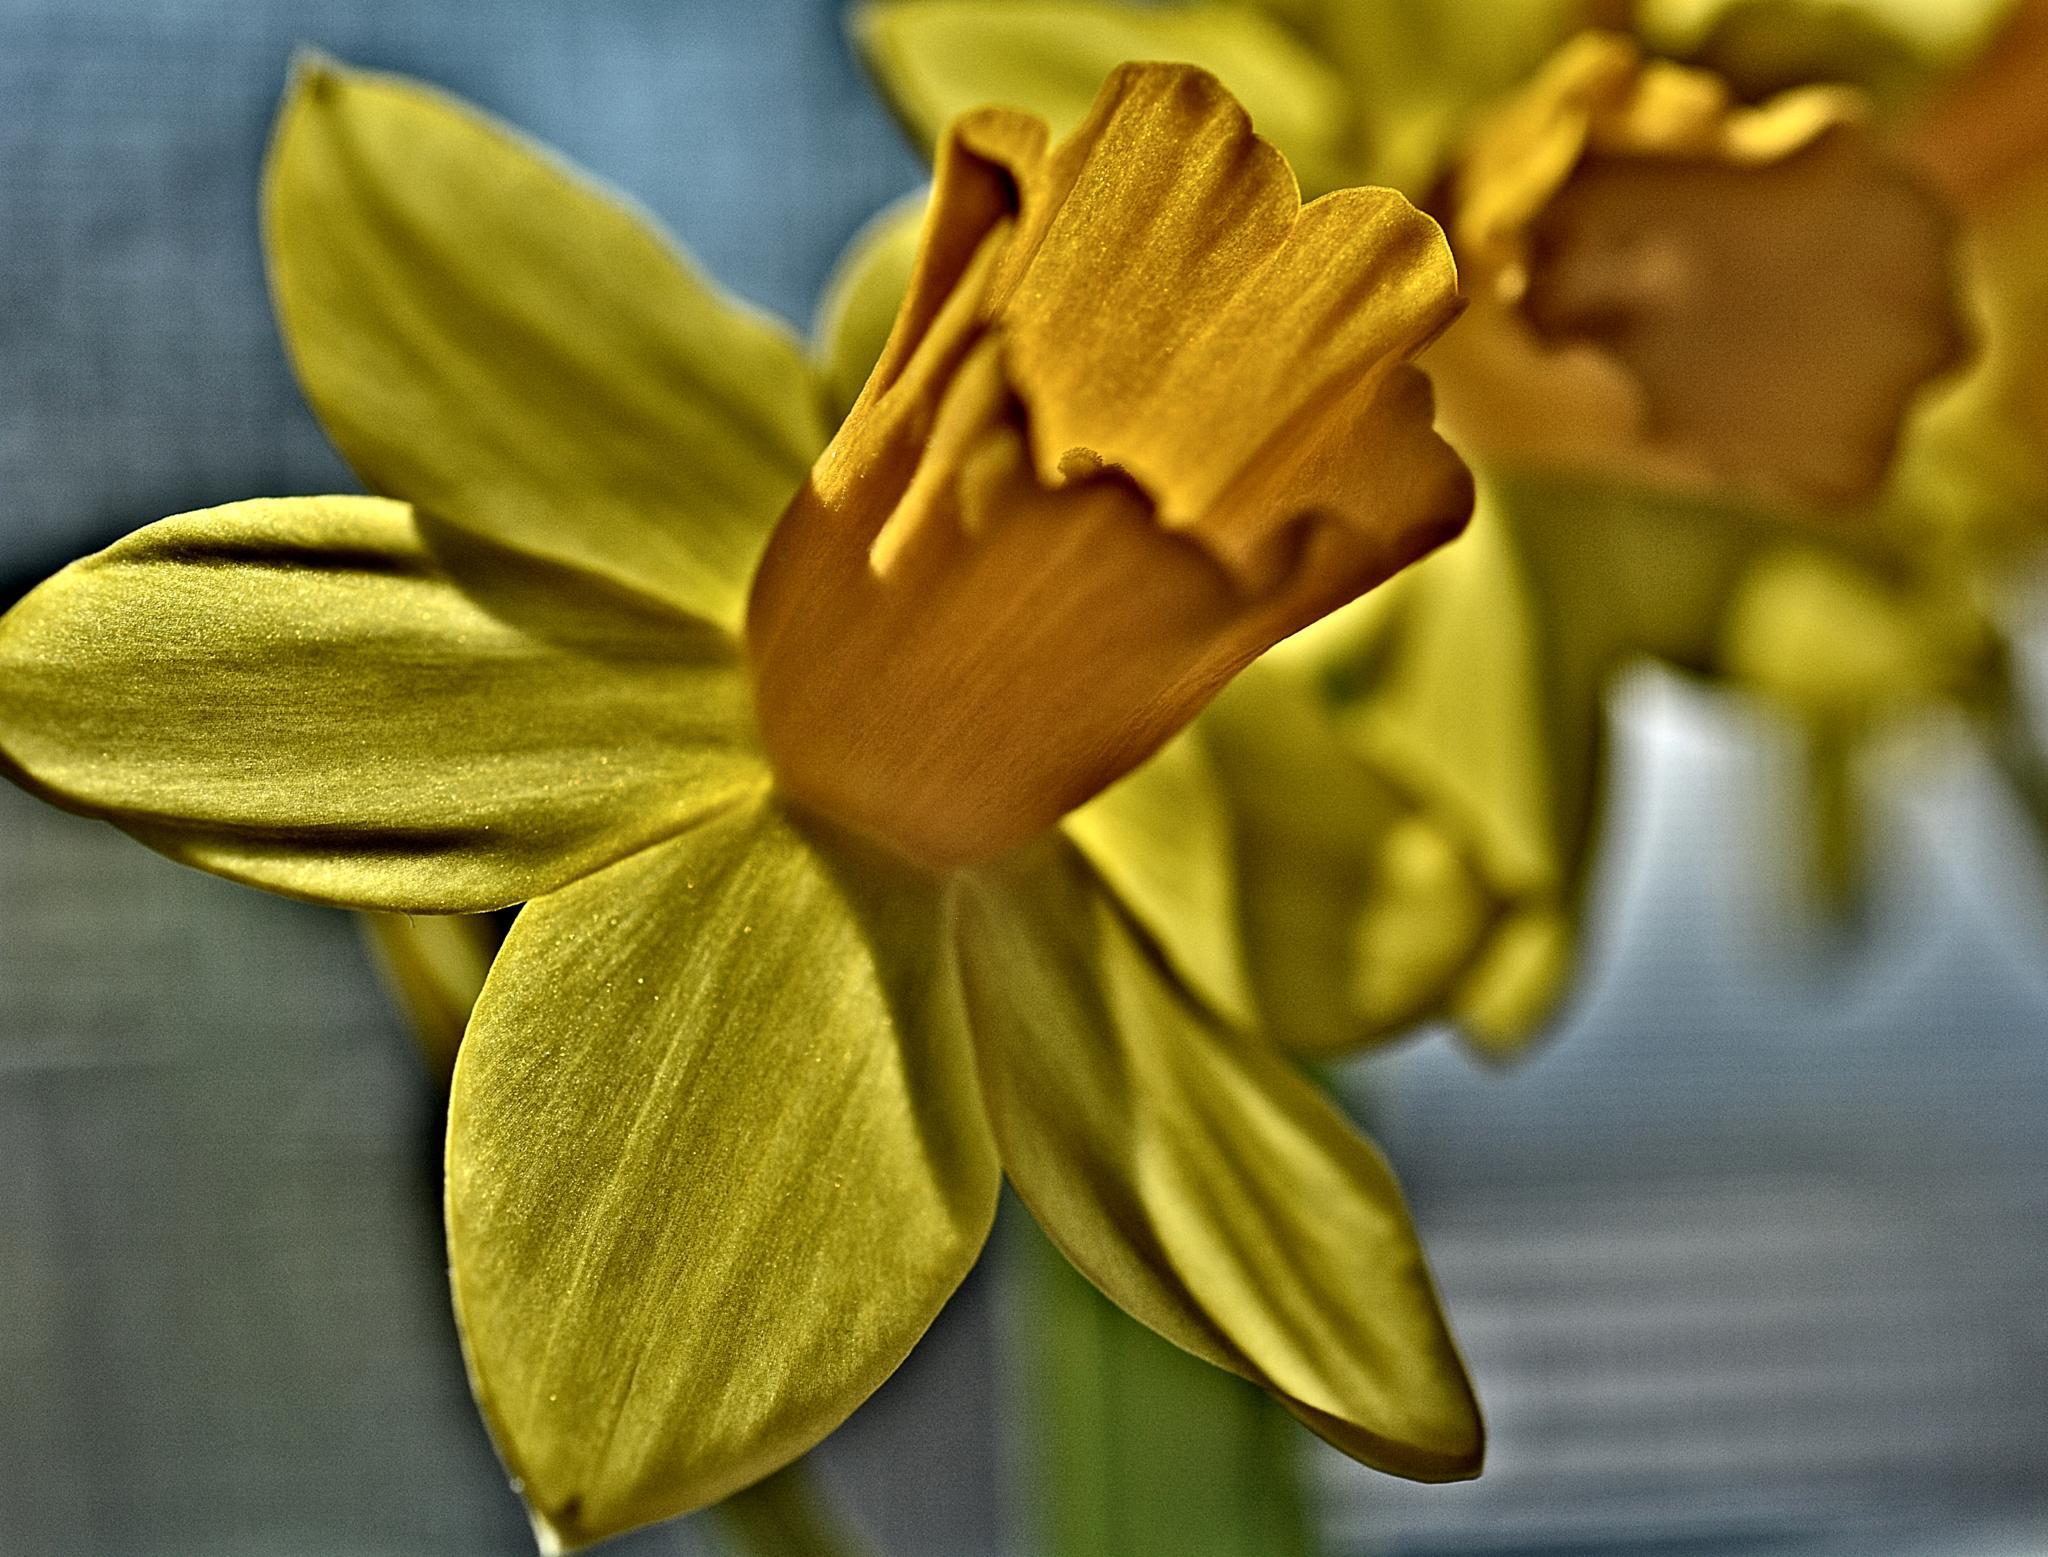 daffodil by pgavin5000